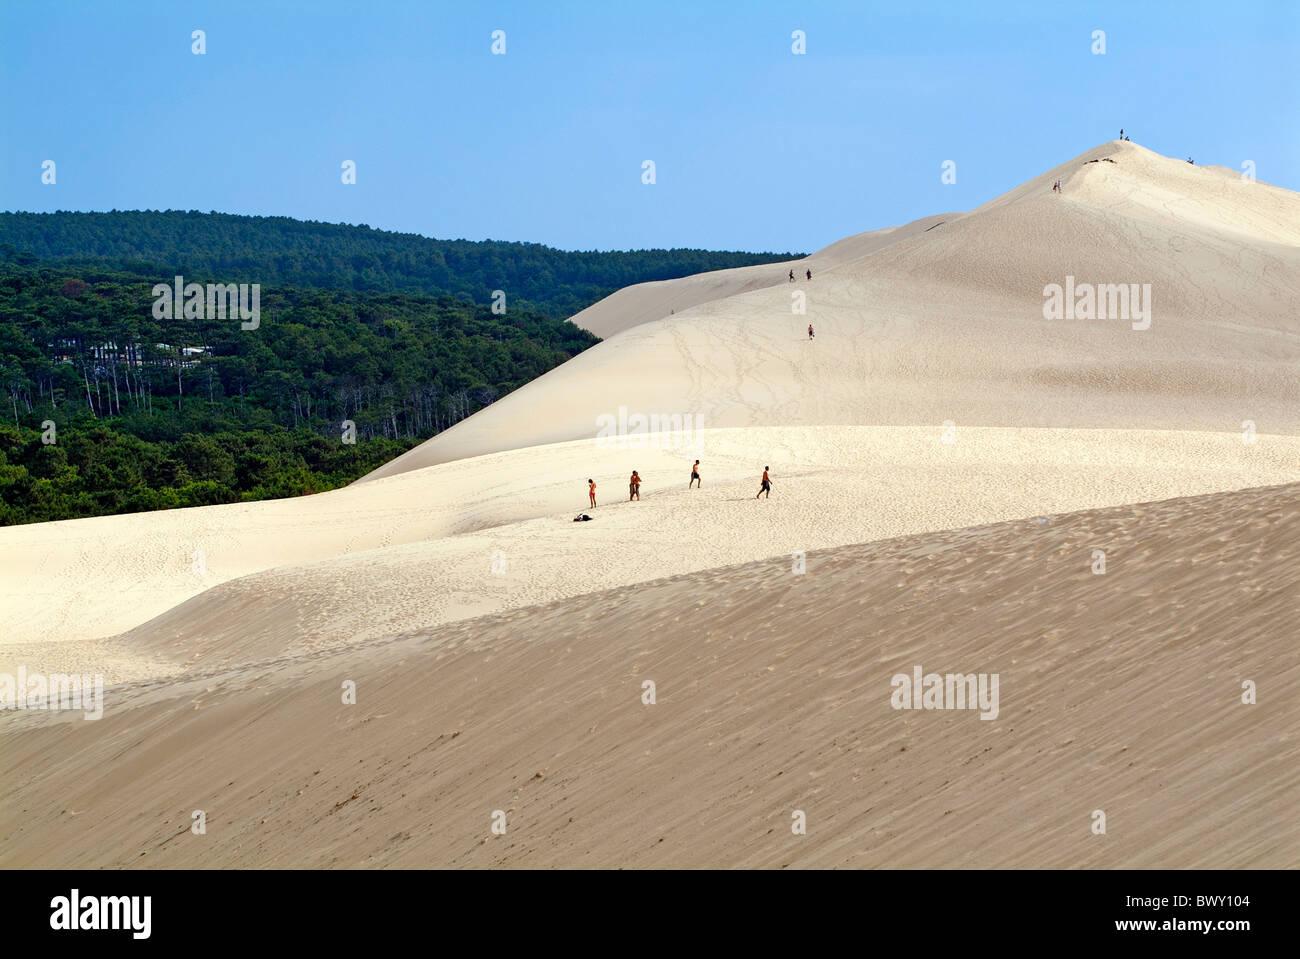 Touristen zu Fuß über die große Düne von Pyla mit dem Landes-Wald im Hintergrund, Frankreich. Stockbild